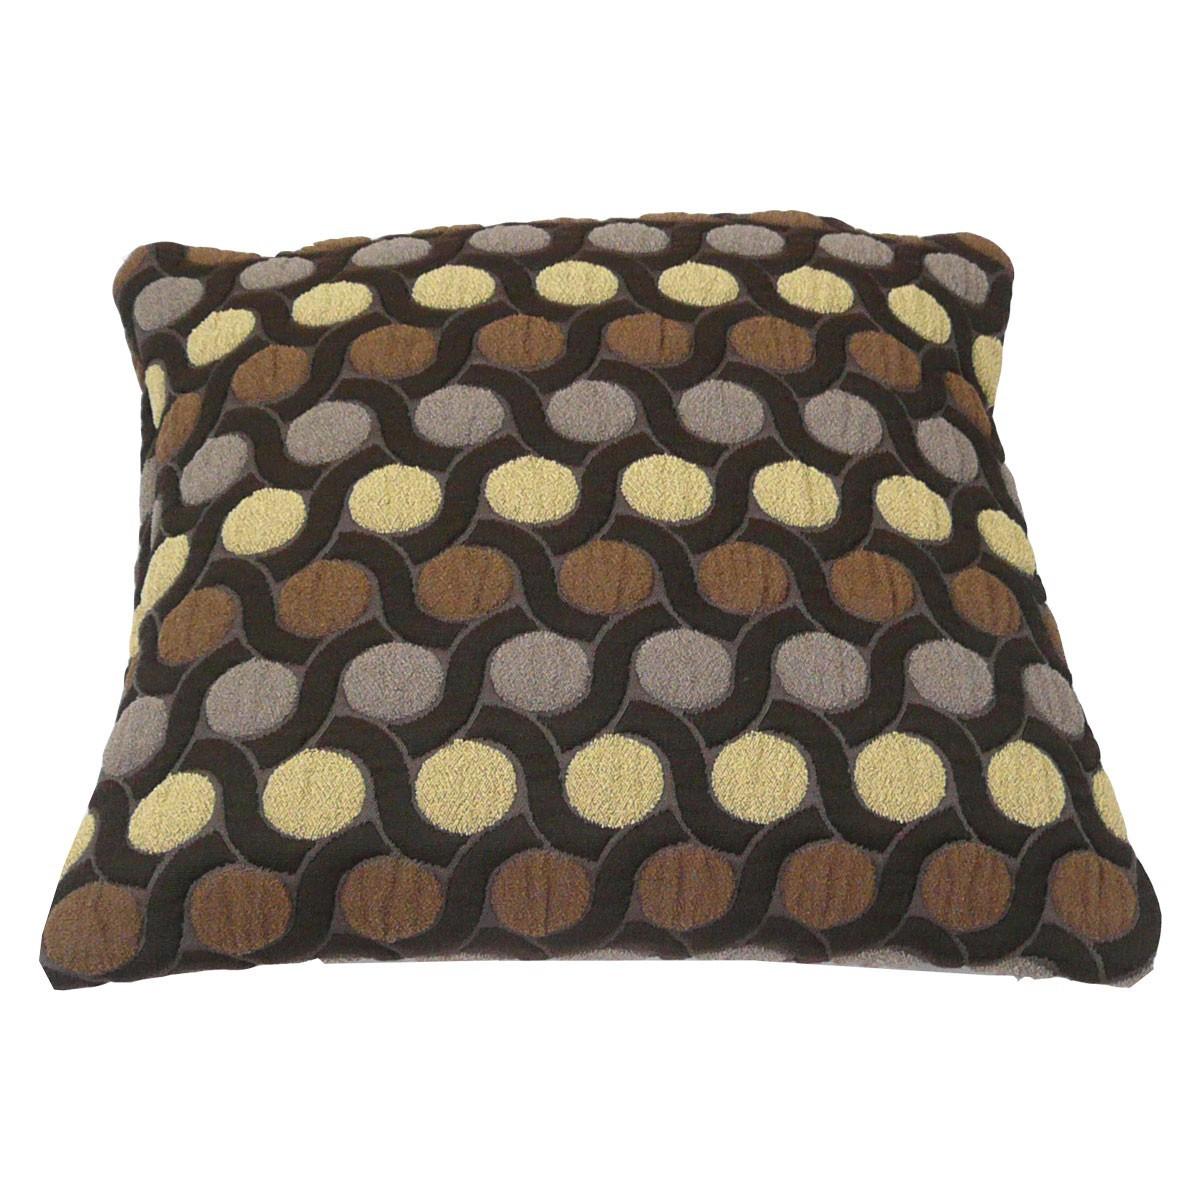 kissen dekokissen braun mit punkten 40x40cm wohntextilien. Black Bedroom Furniture Sets. Home Design Ideas